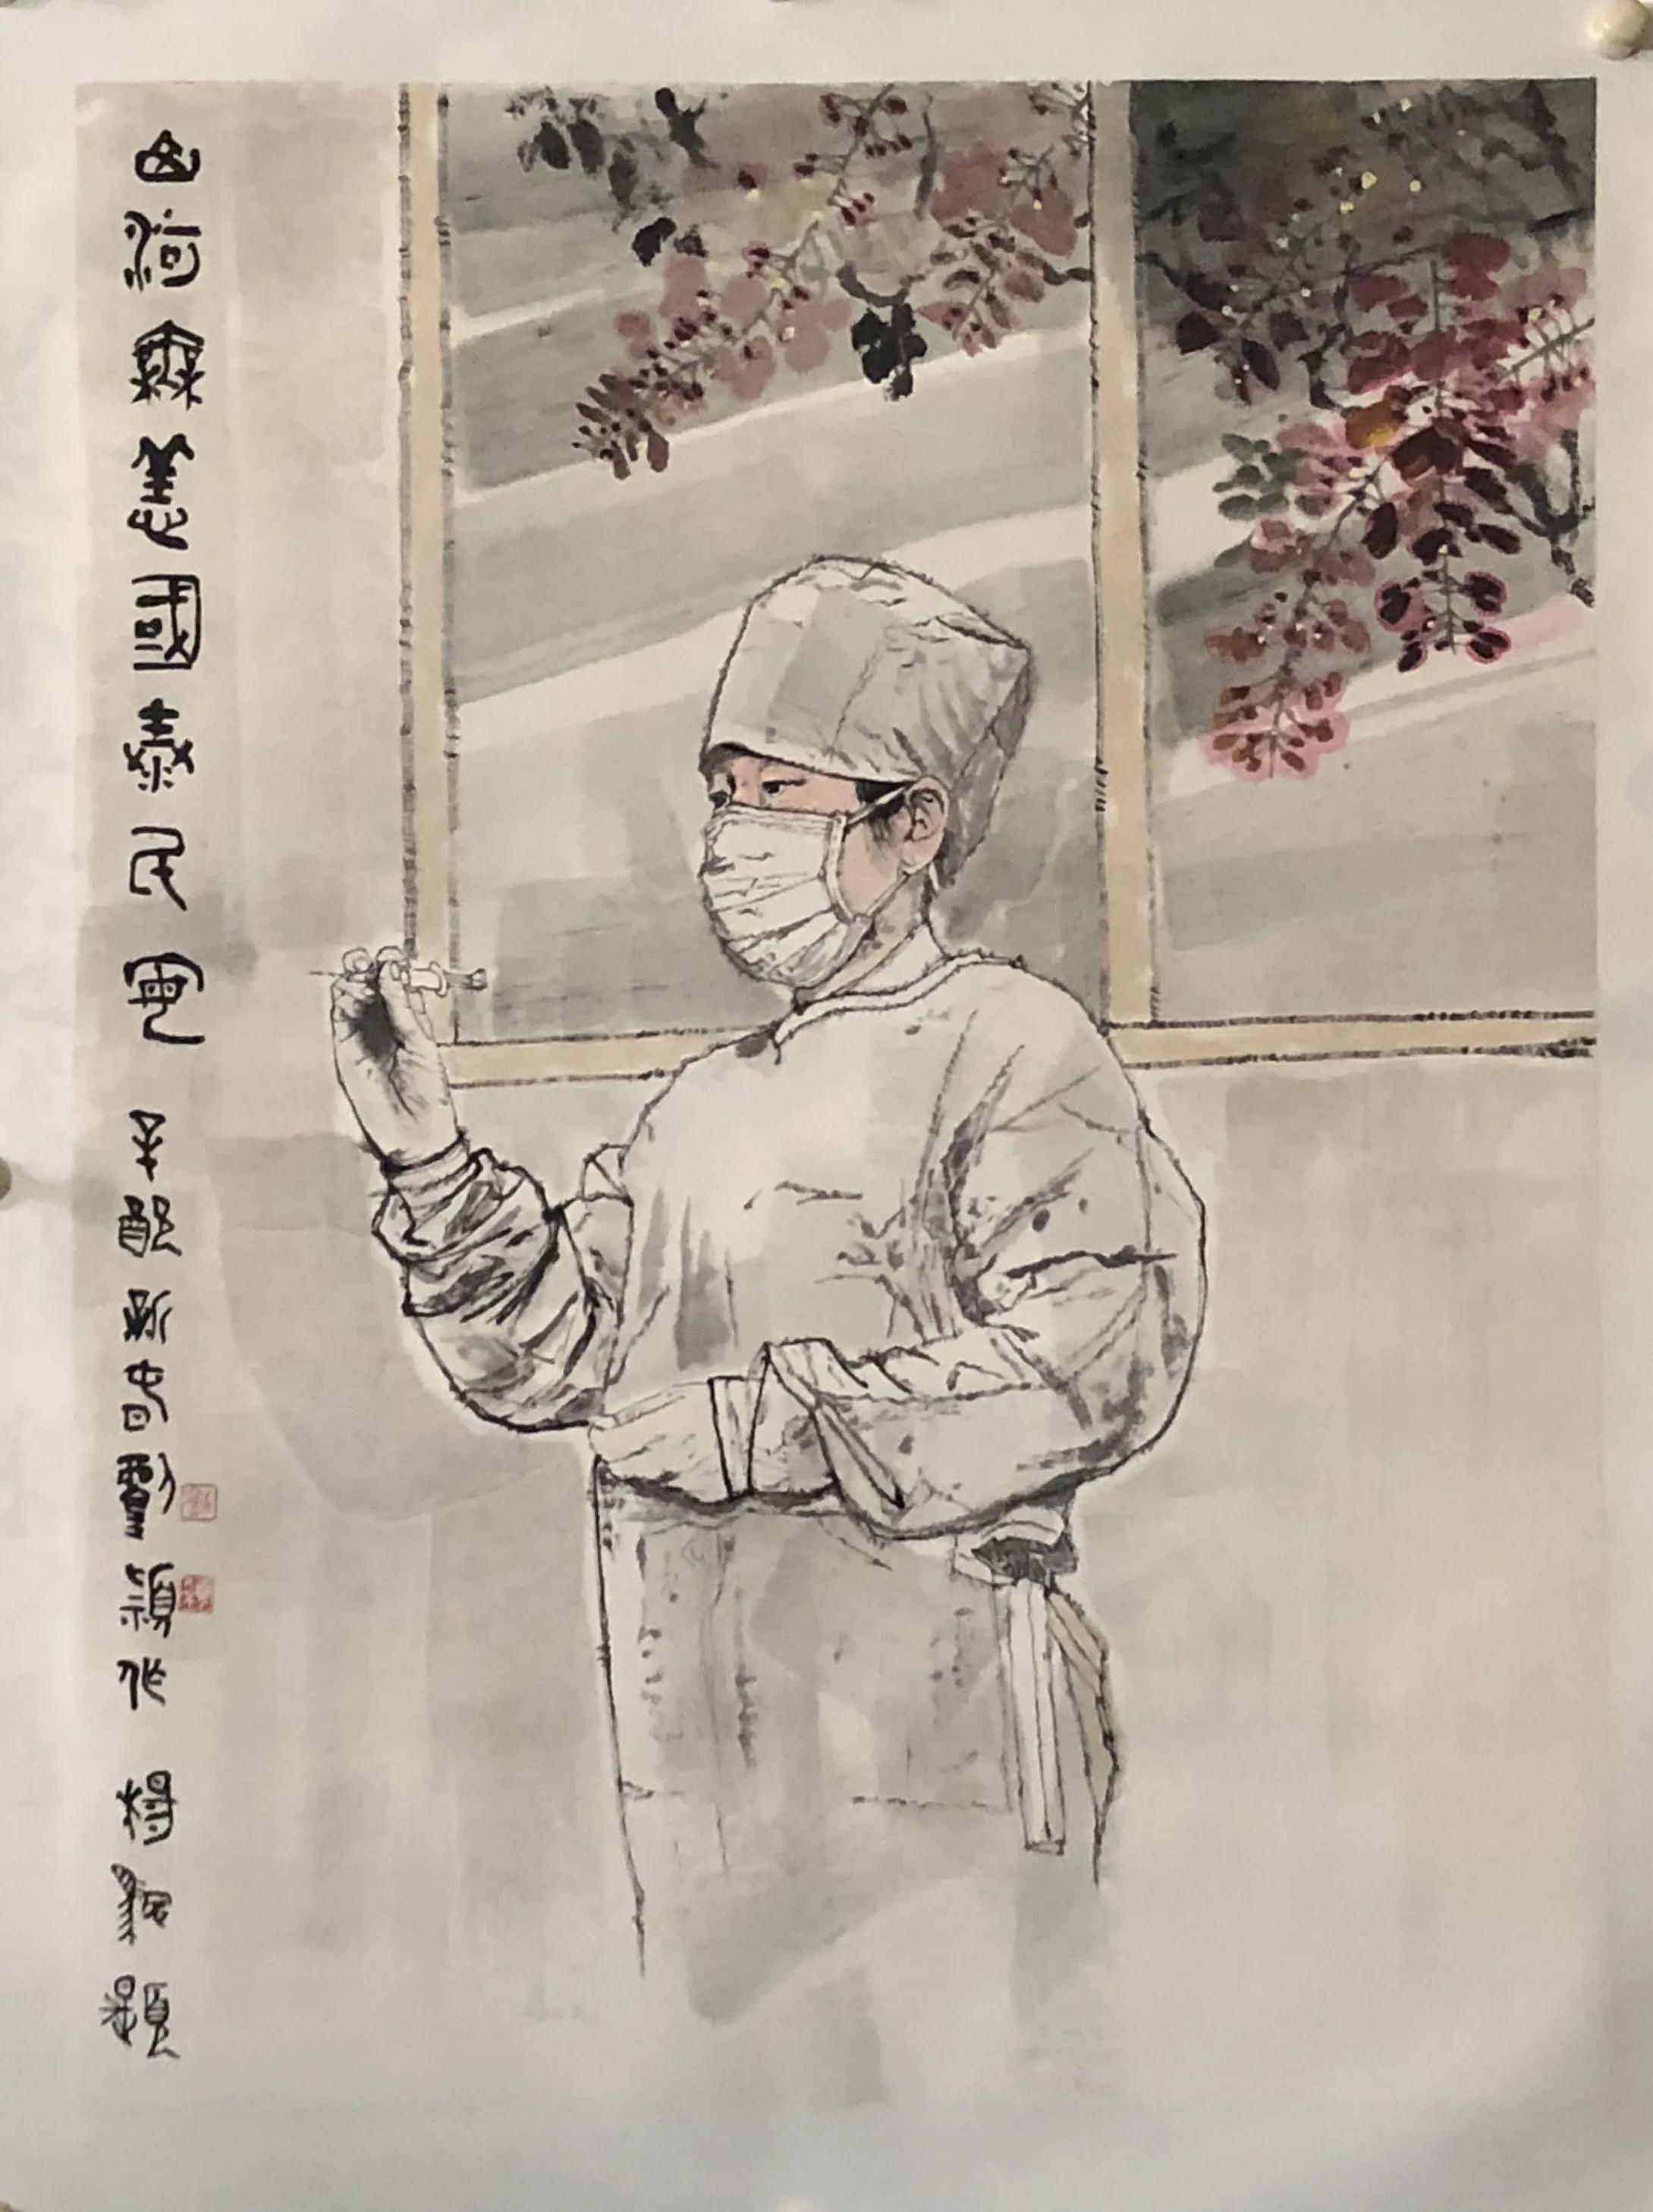 潁脱画界 誉驰丹青—刘颖献礼百年华诞展前日开幕